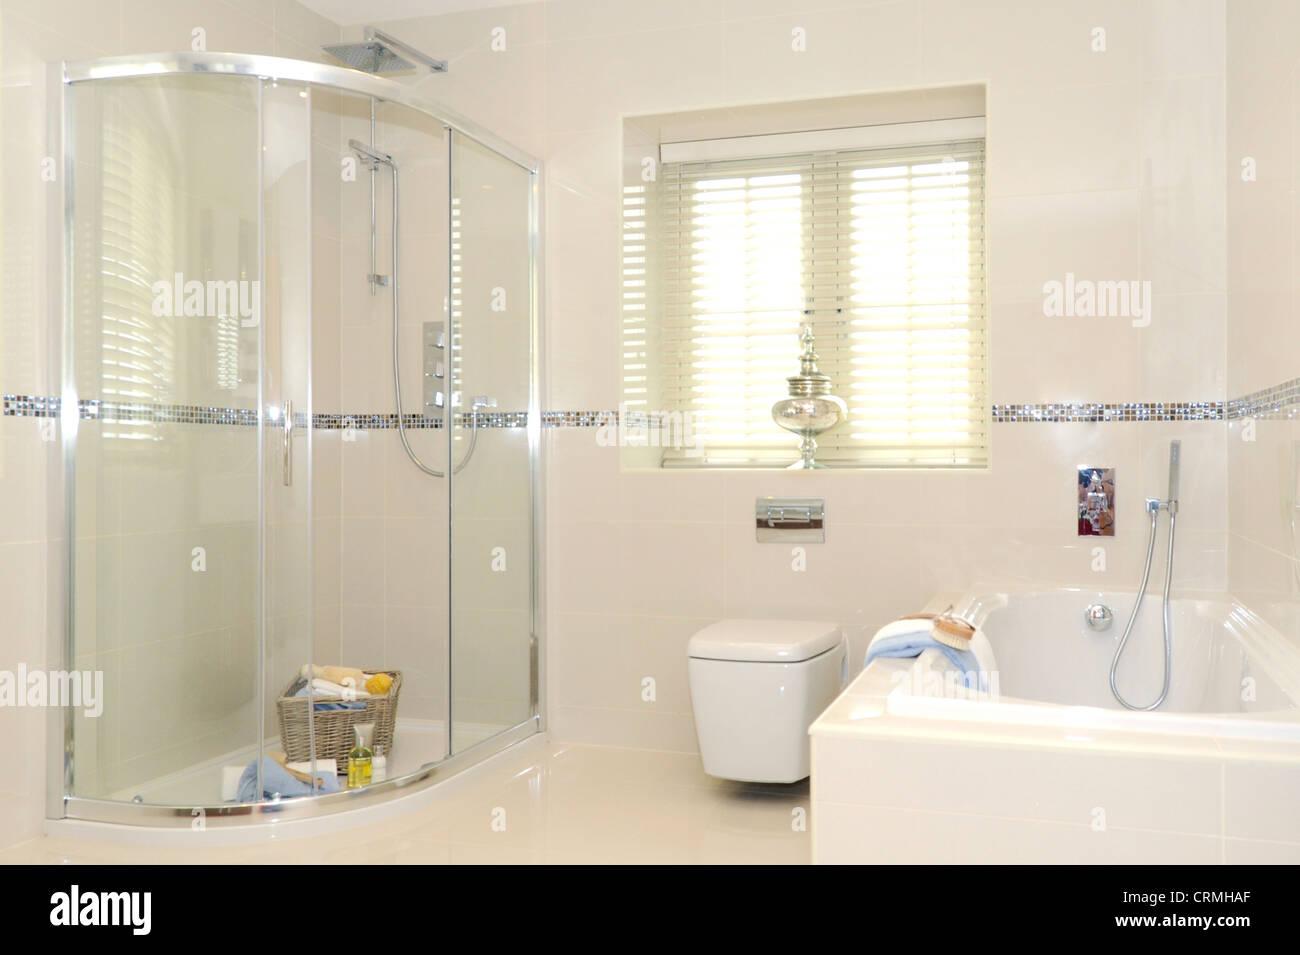 Un cuarto de baño con ducha de calidad y alojamiento, aseo y baño ...